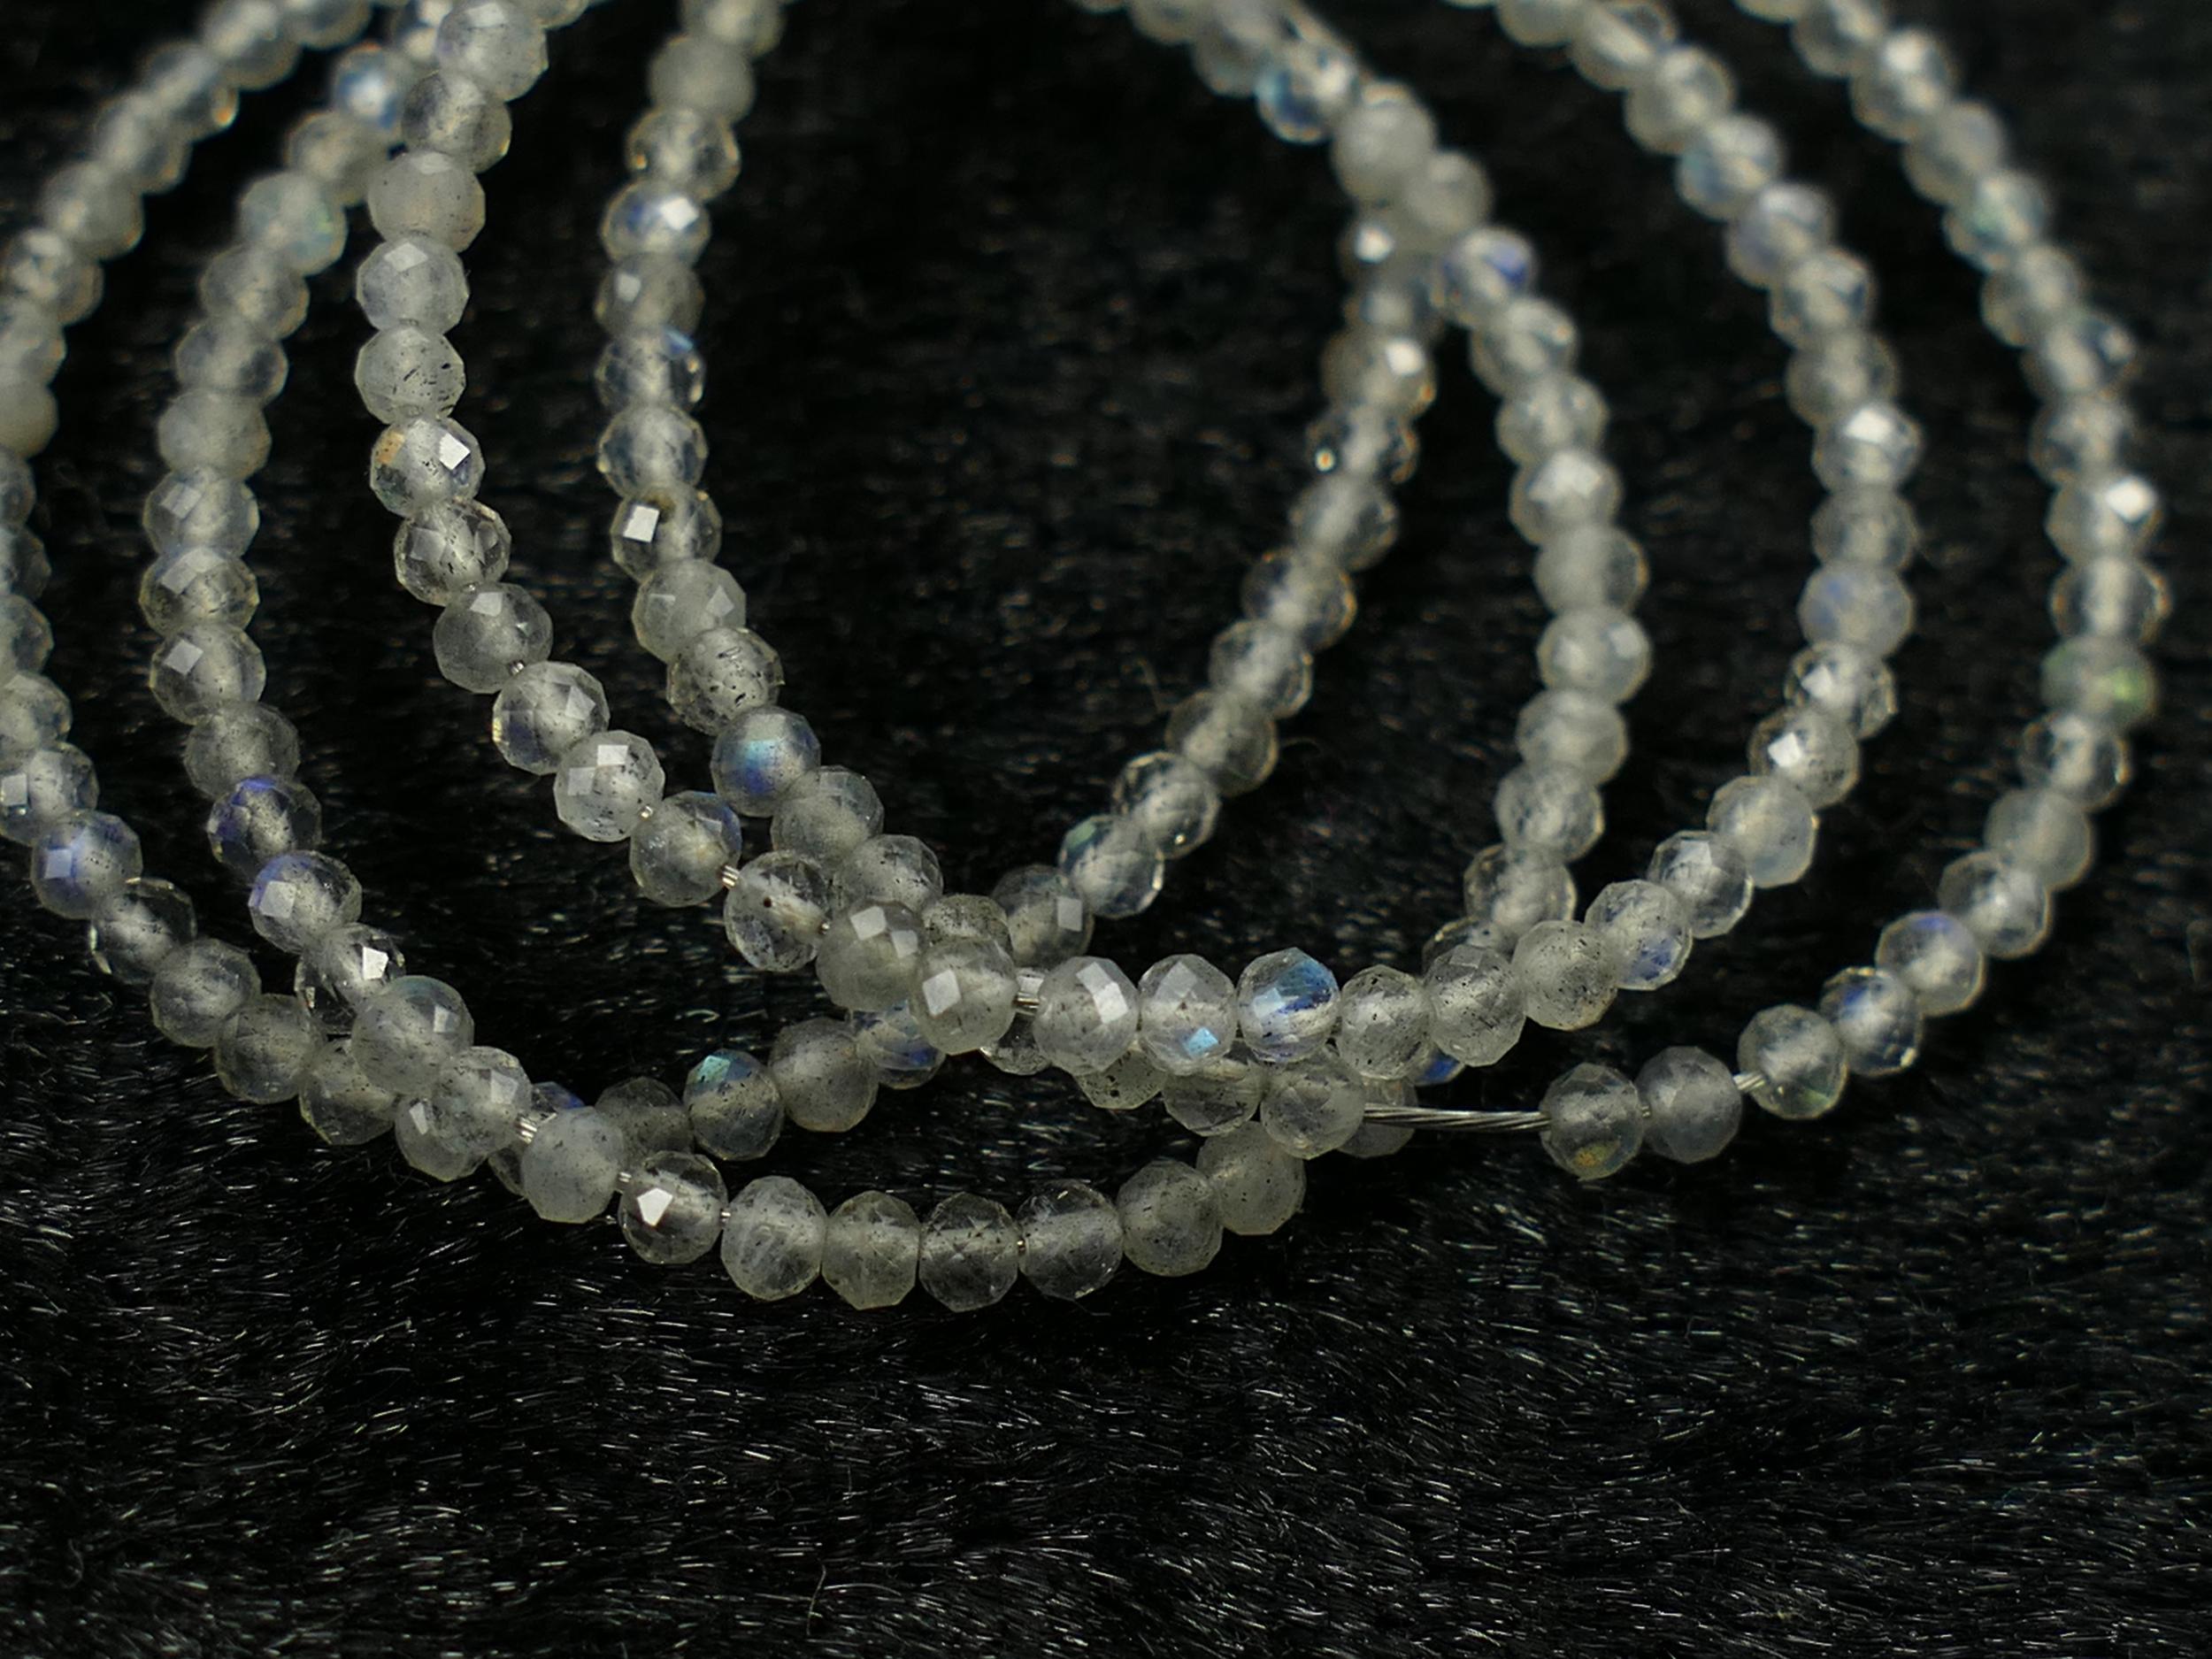 2.2mm Petite perles de Labradorite naturelle en micro rondelle facettée percée Madagascar x20cm (7.9inch) (#AC438)